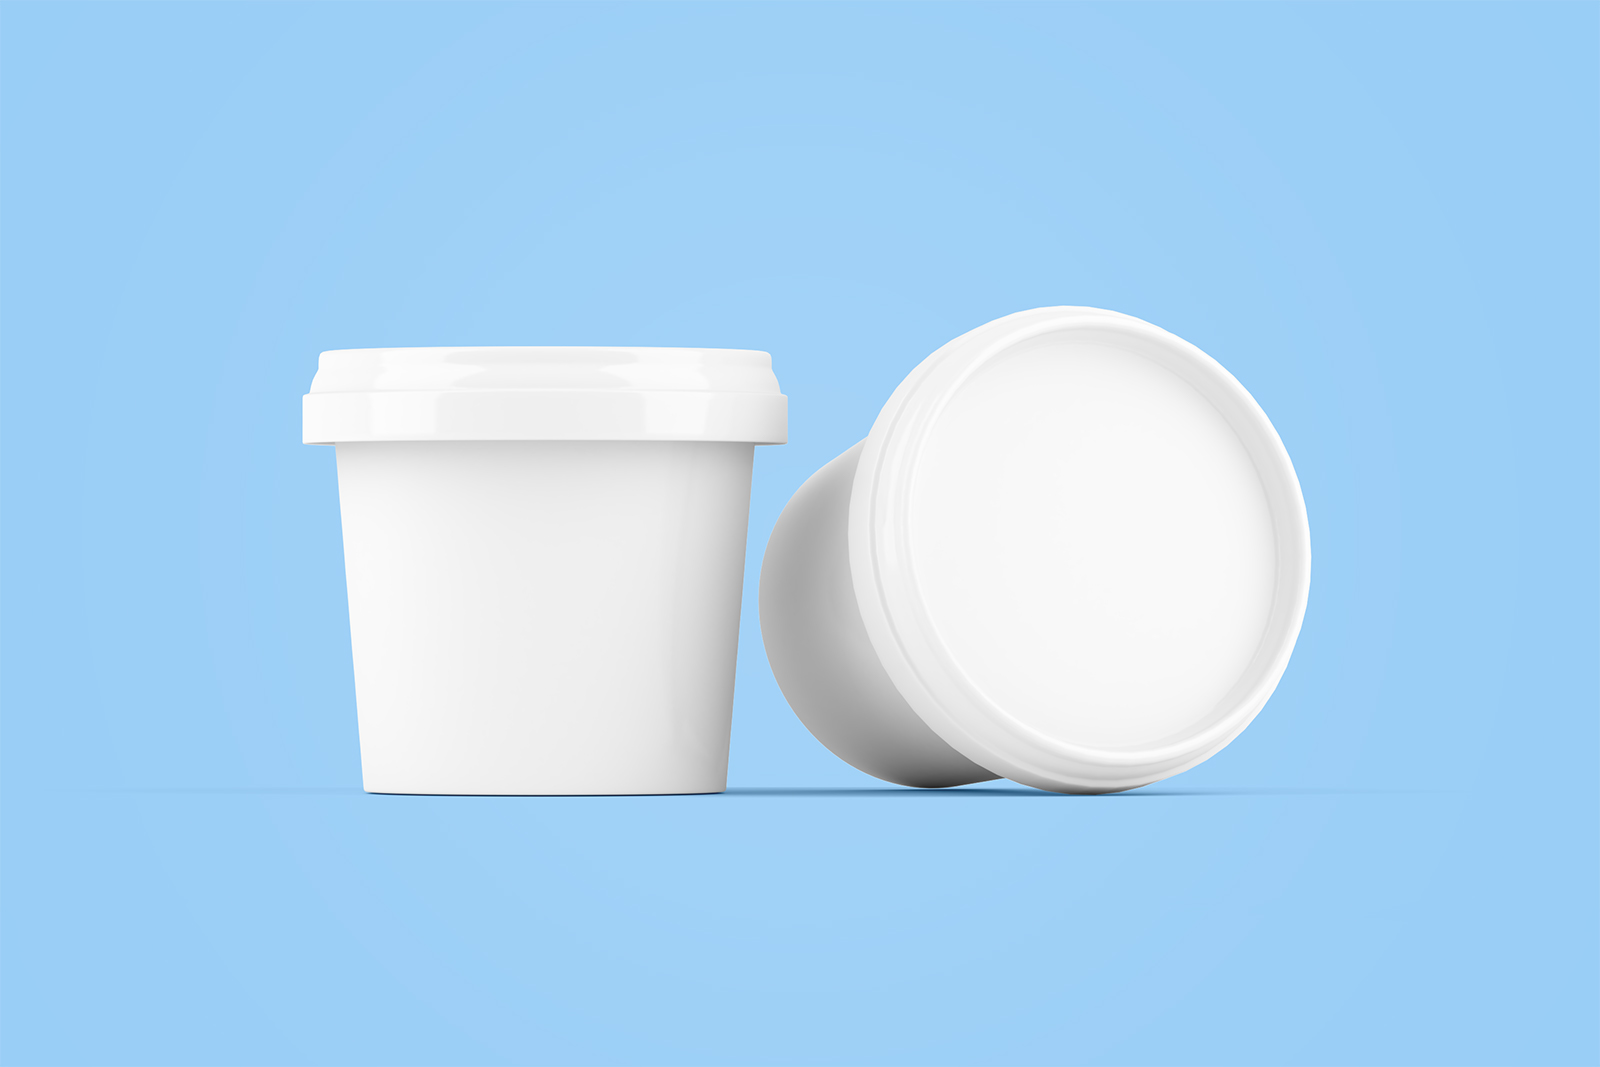 Free Ice Cream Jar Packaging Mockup